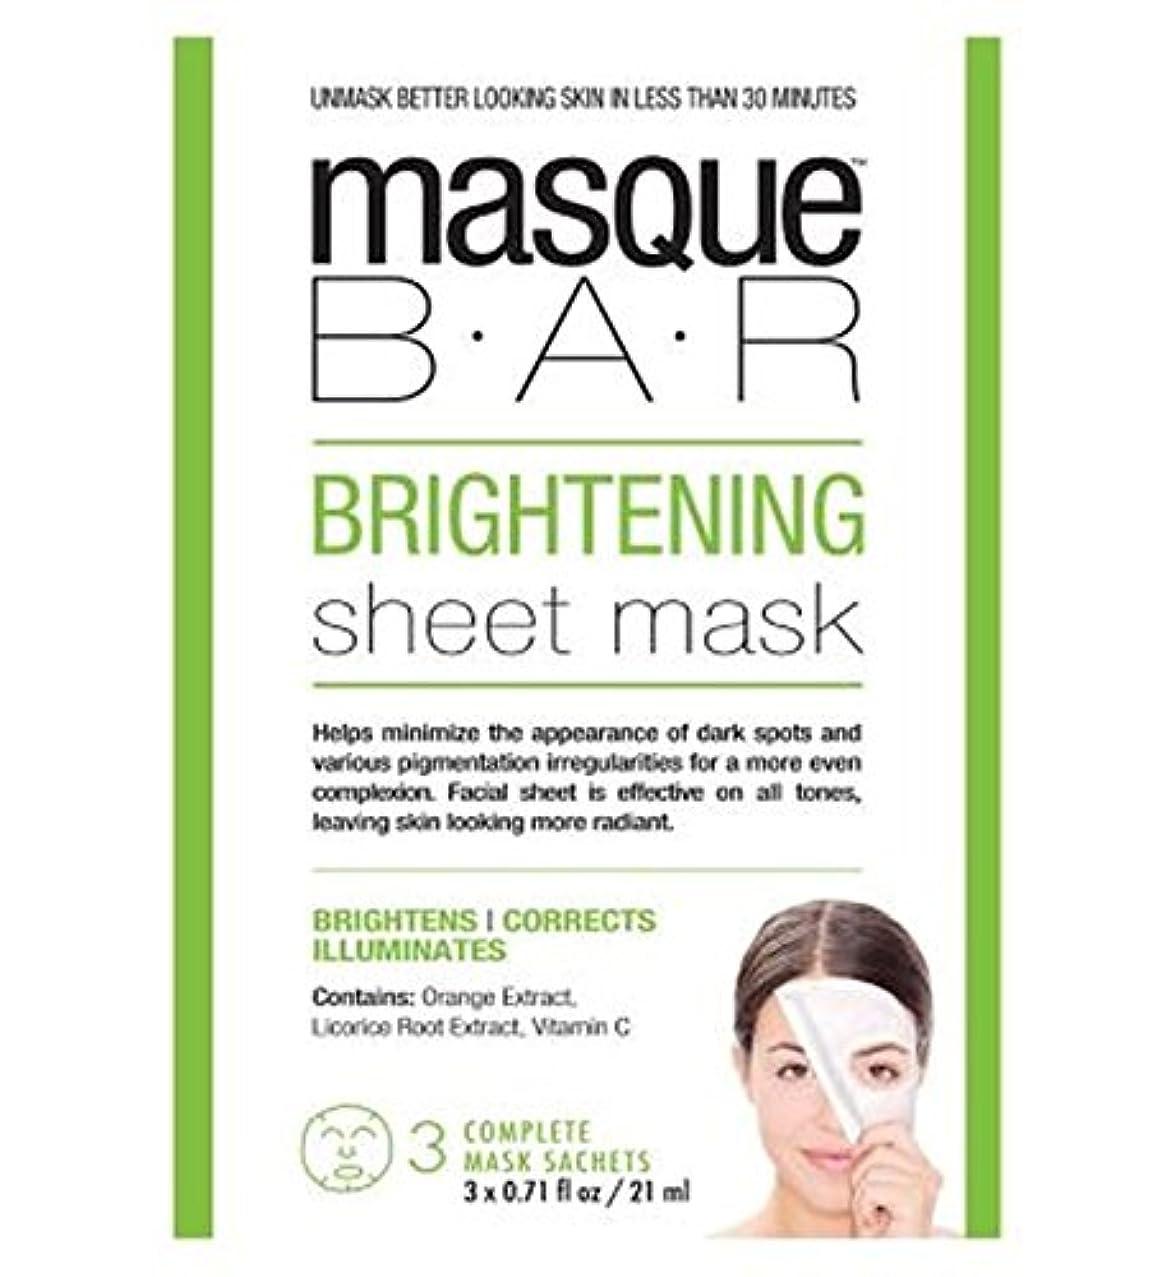 地図続編急ぐMasque Bar Brightening Sheet Mask - 3s - 仮面劇バー光沢シートマスク - 3S (P6B Masque Bar Bt) [並行輸入品]